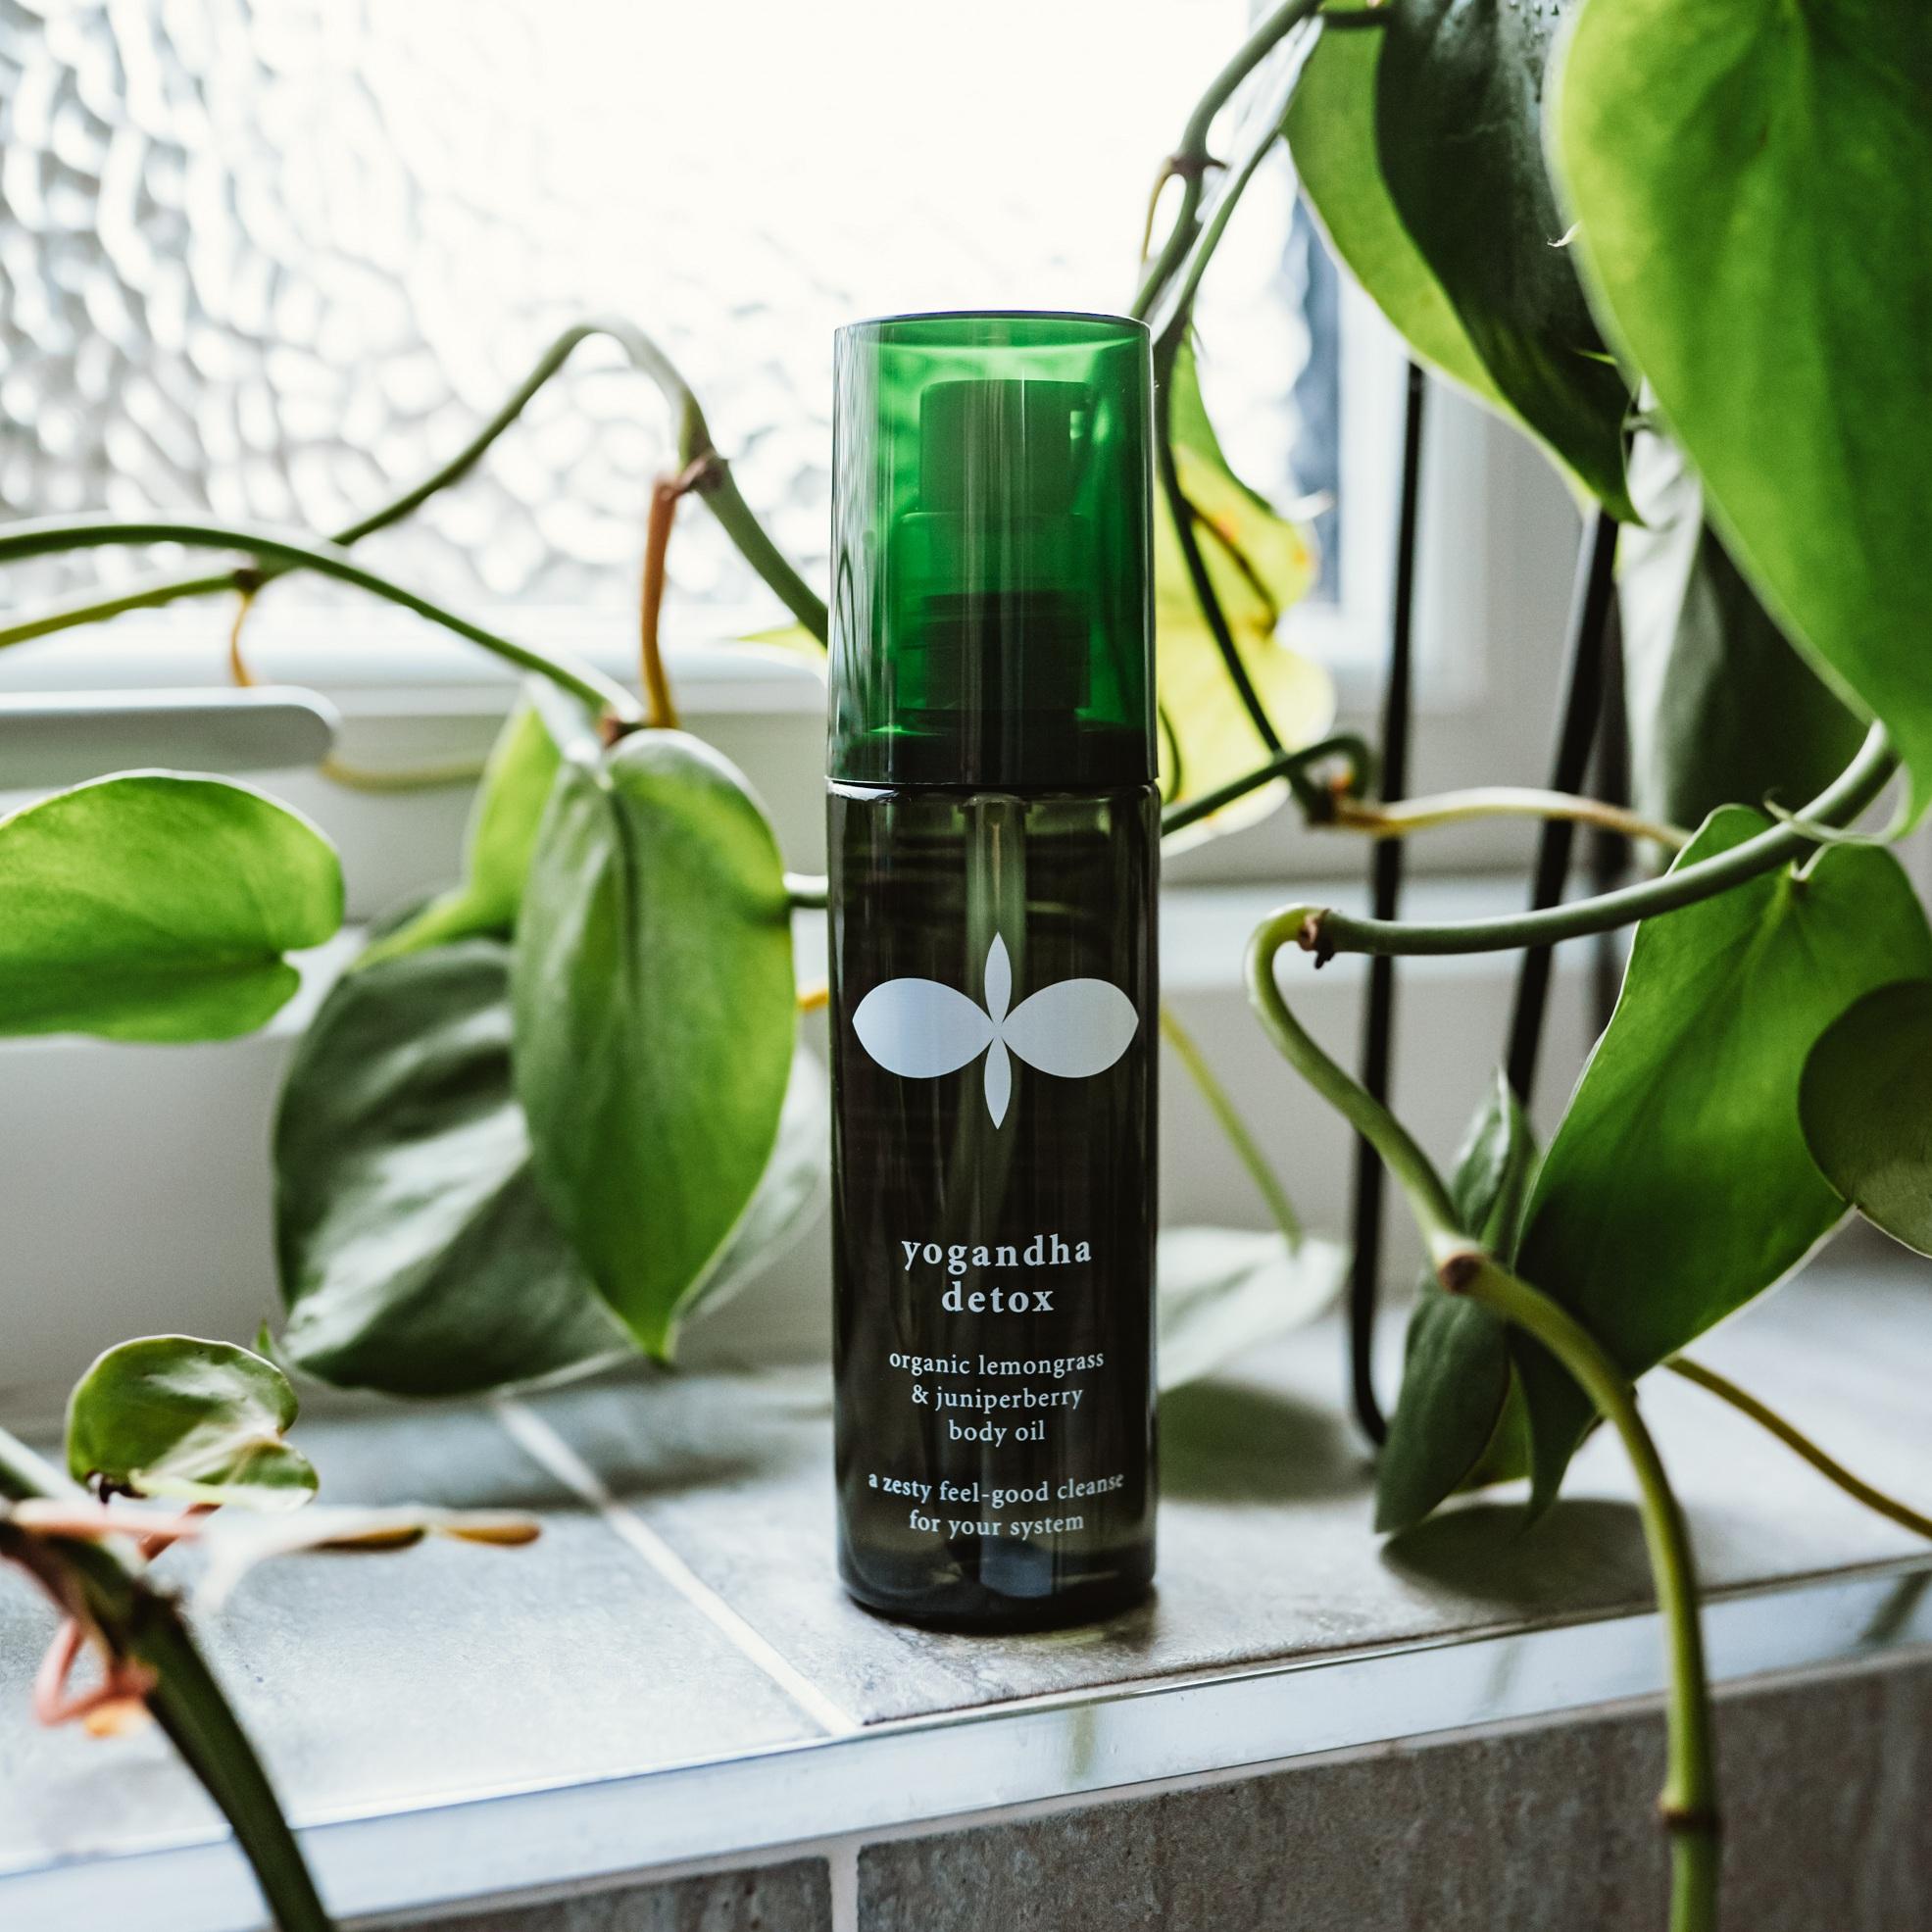 Detox Lemongrass & Juniper Berry Body Oil 125ml